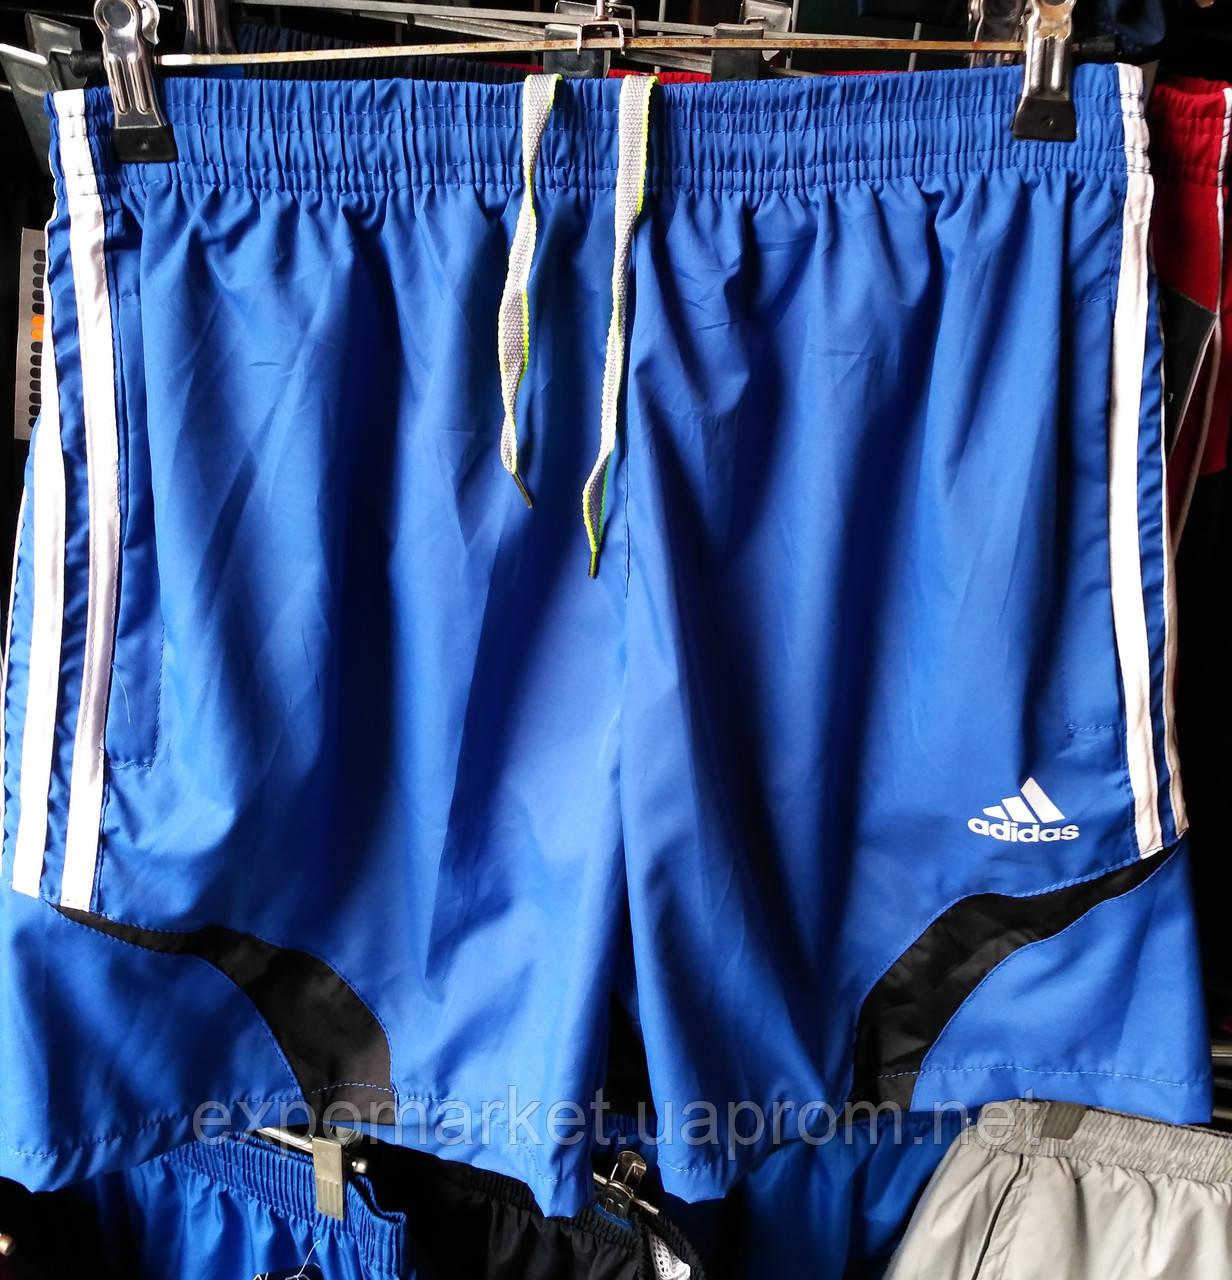 Шорты спортивные мужские adidas, Adidas Футбольные Шорты, Беговые ... f6054d75a03